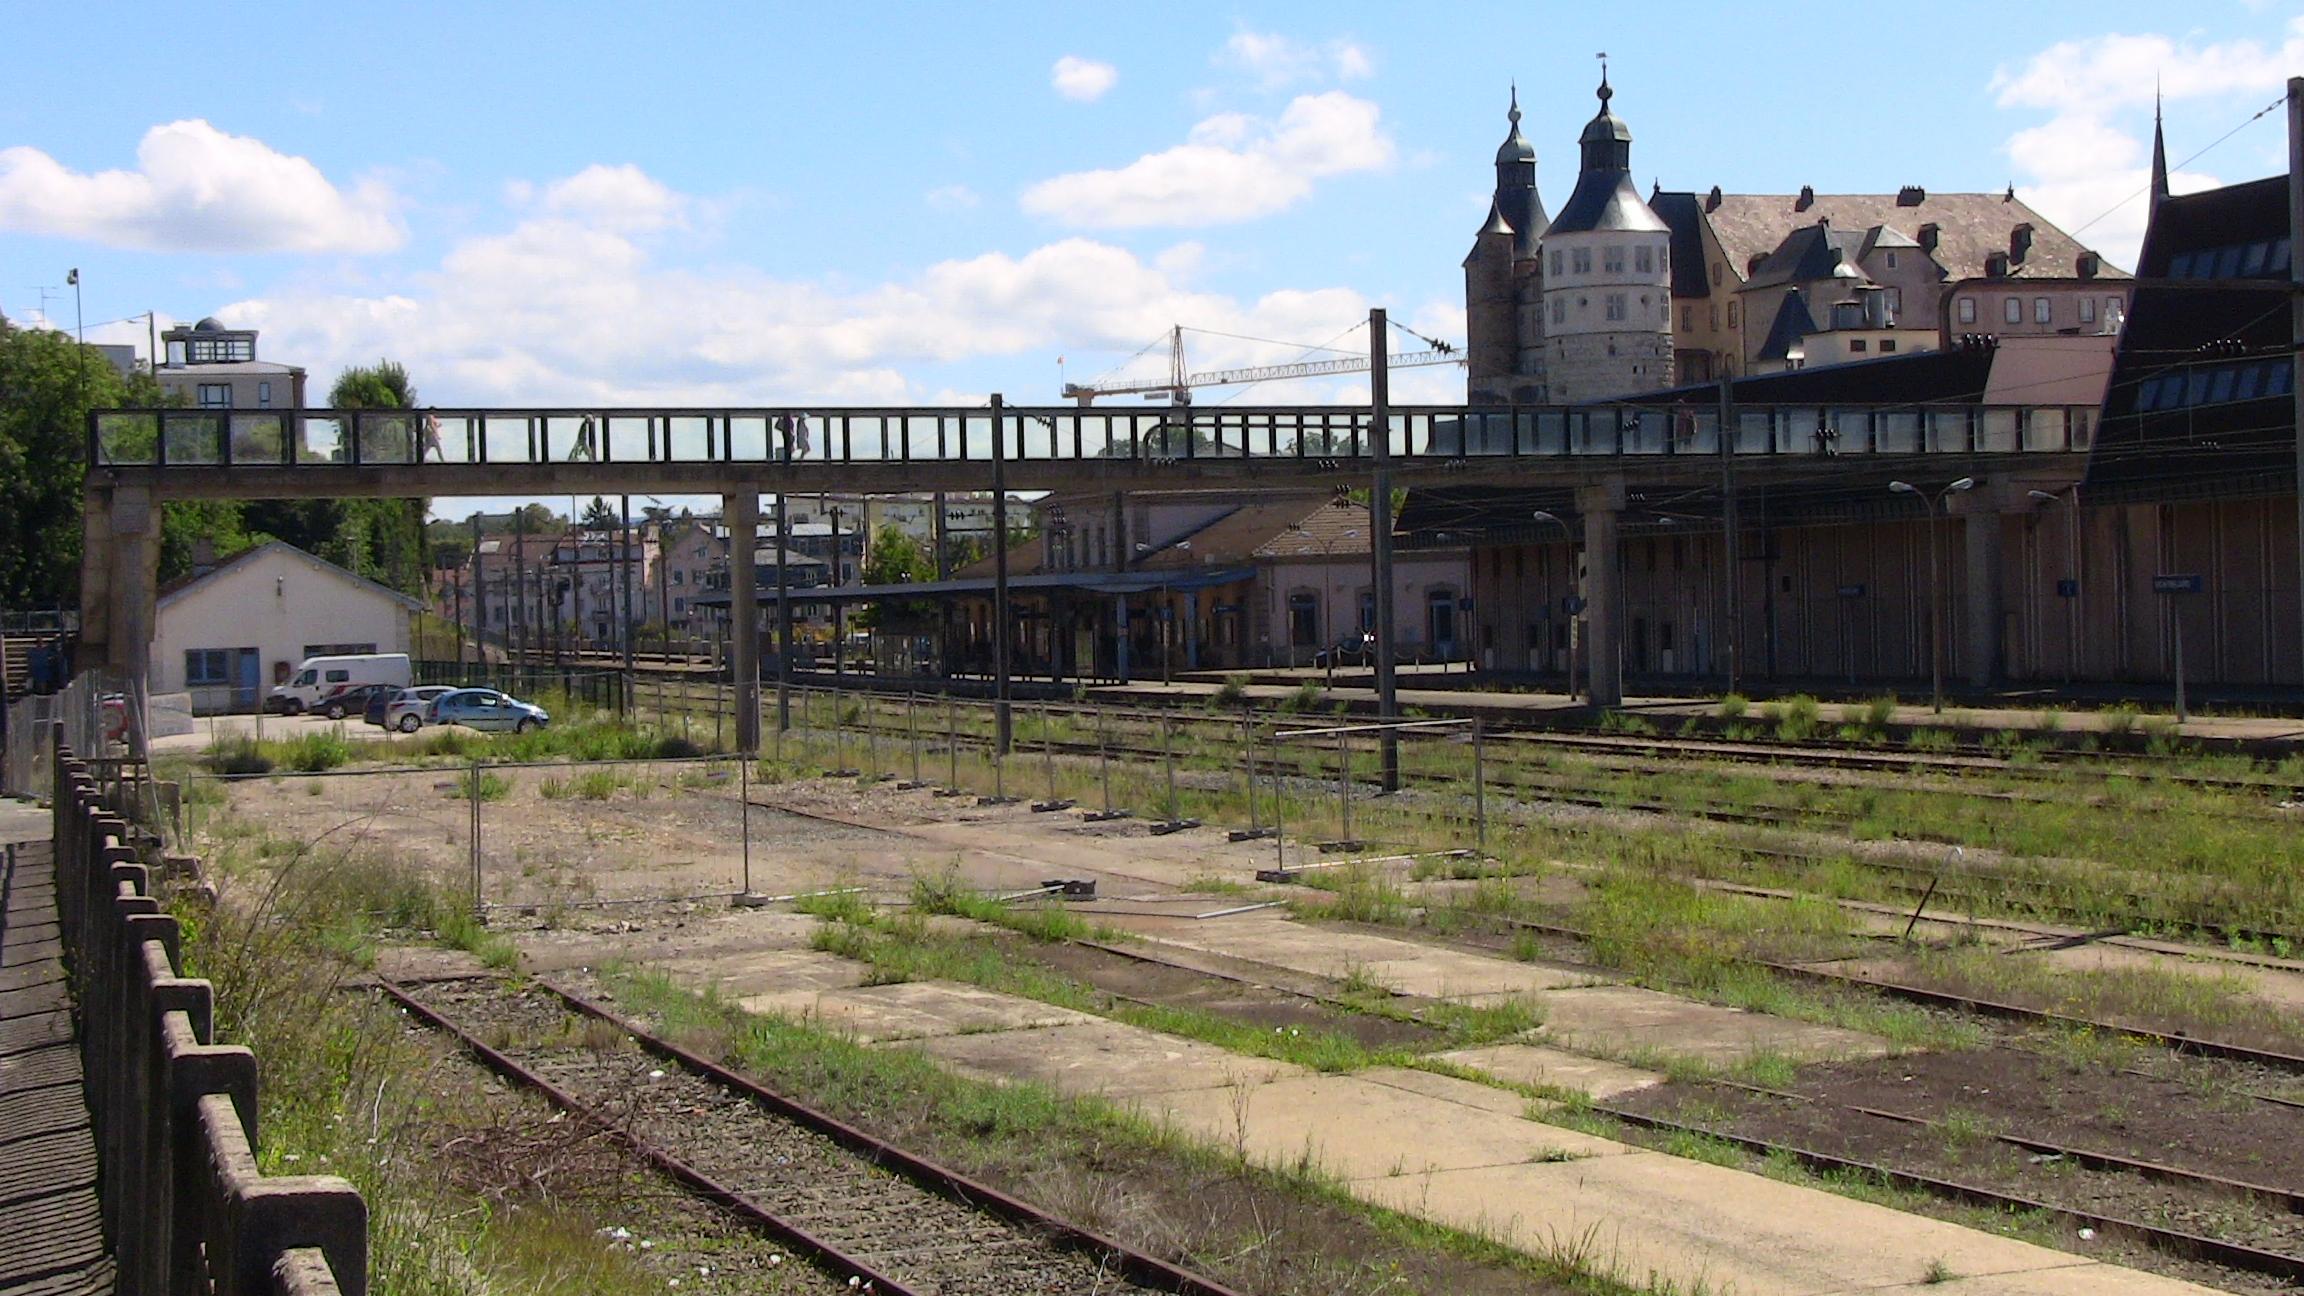 Gare de montb liard for Montbeliard besancon